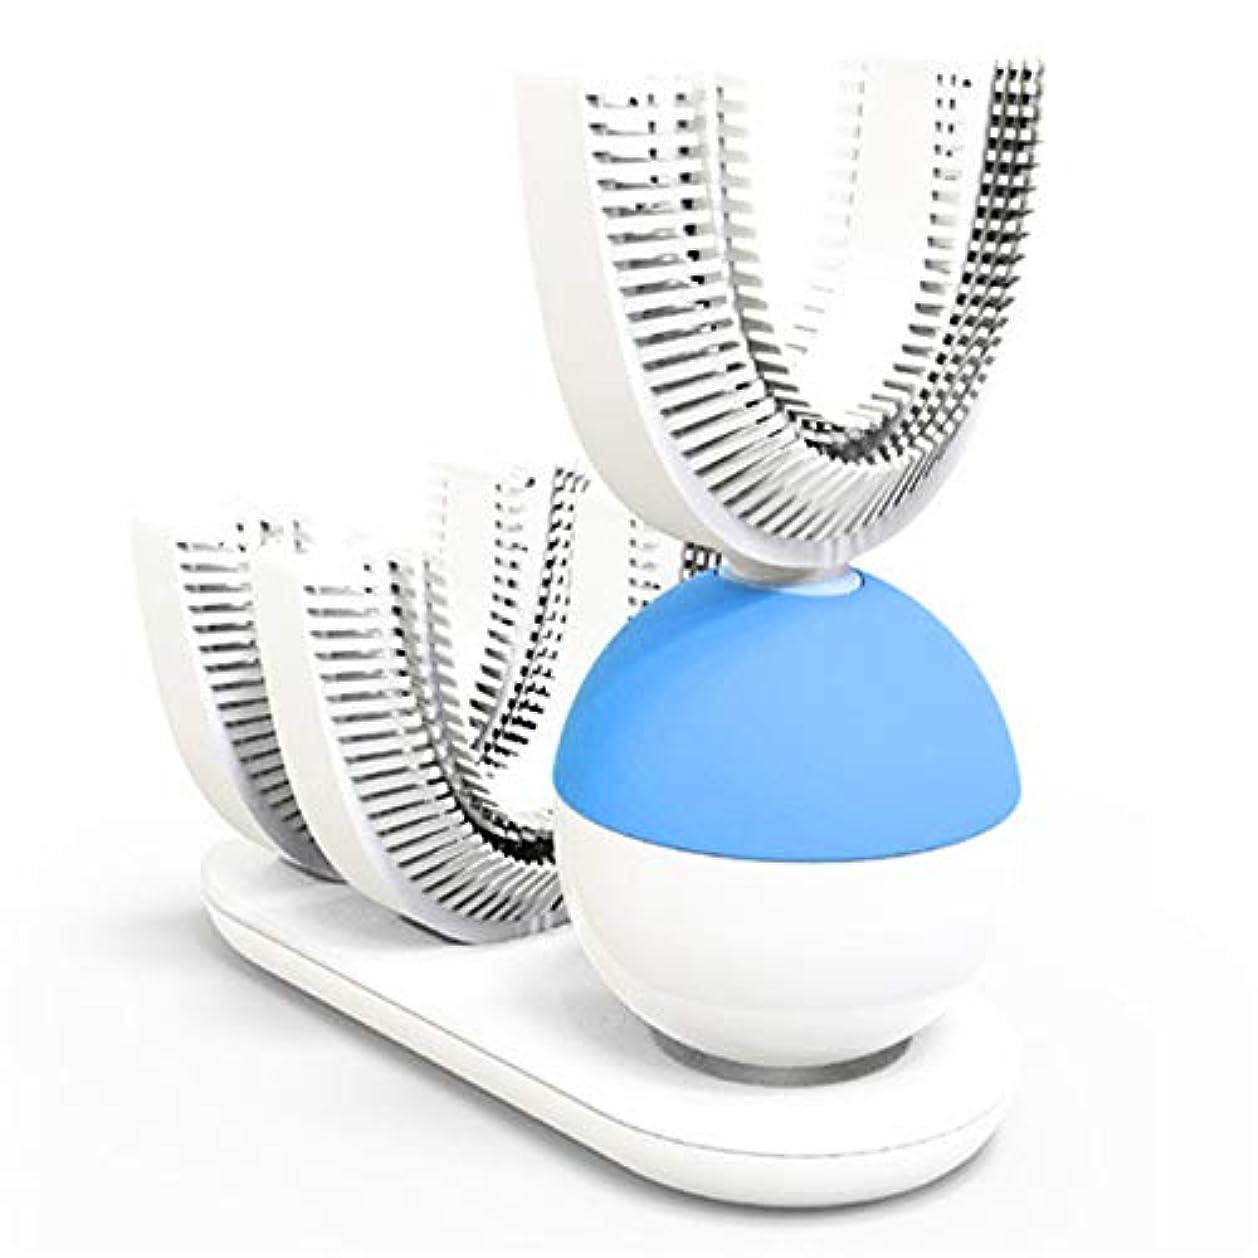 プラグひまわり暖炉電動歯ブラシ 自動歯ブラシ U型 360°全方位 超音波 怠け者歯ブラシ ワイヤレス充電 口腔洗浄器 歯ブラシヘッド付き